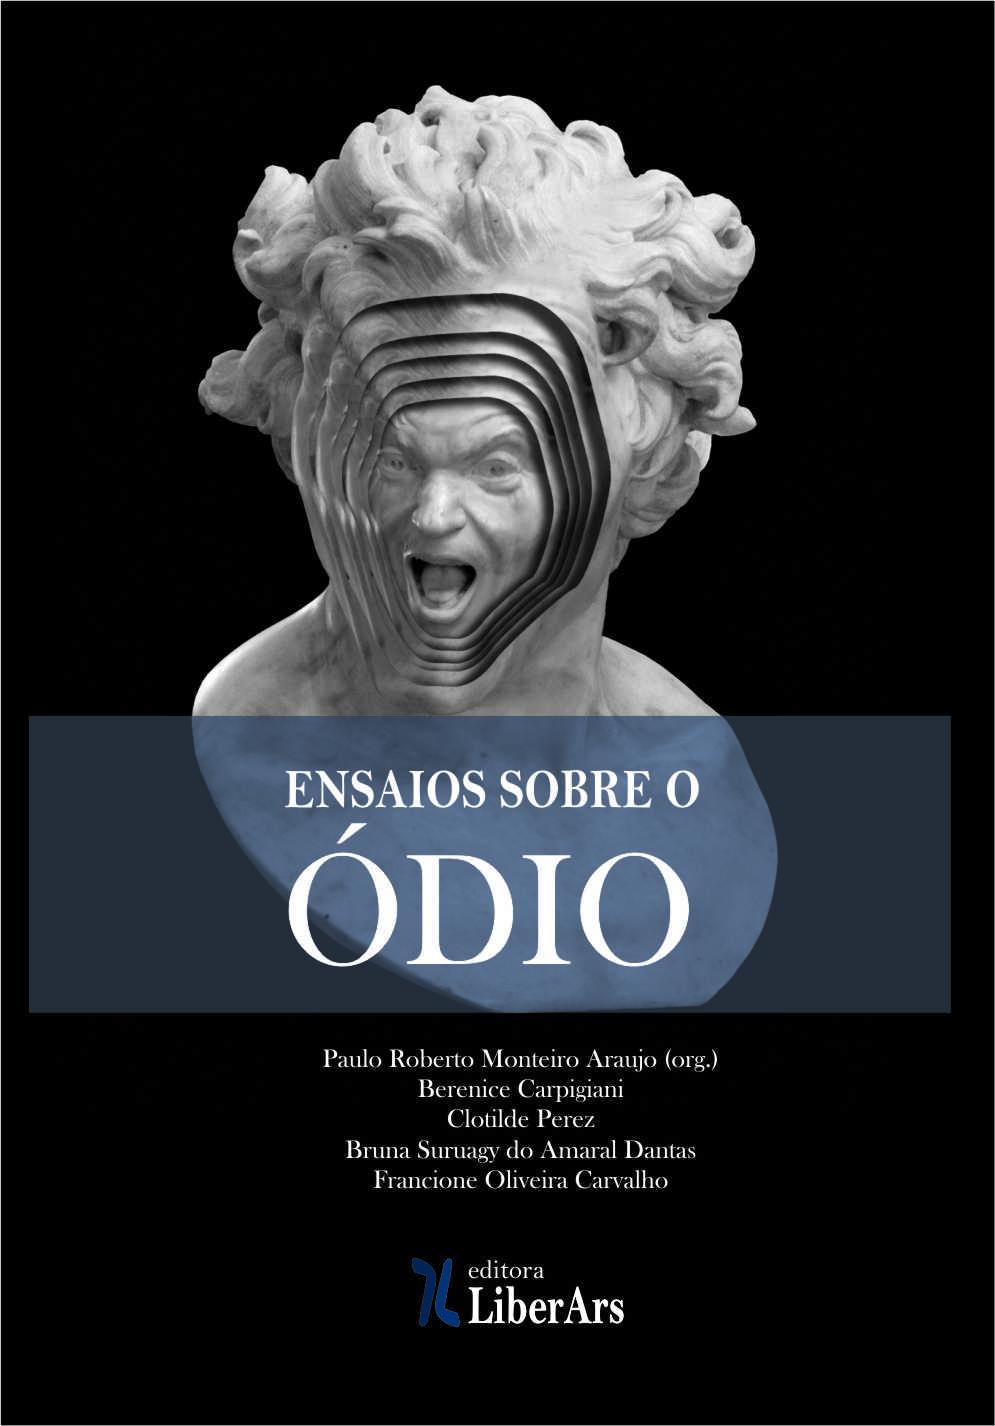 Ensaios sobre o ódio, livro de Paulo Roberto Monteiro de Araujo (org.); Berenice Carpigiani, Clotilde Perez (et.al)